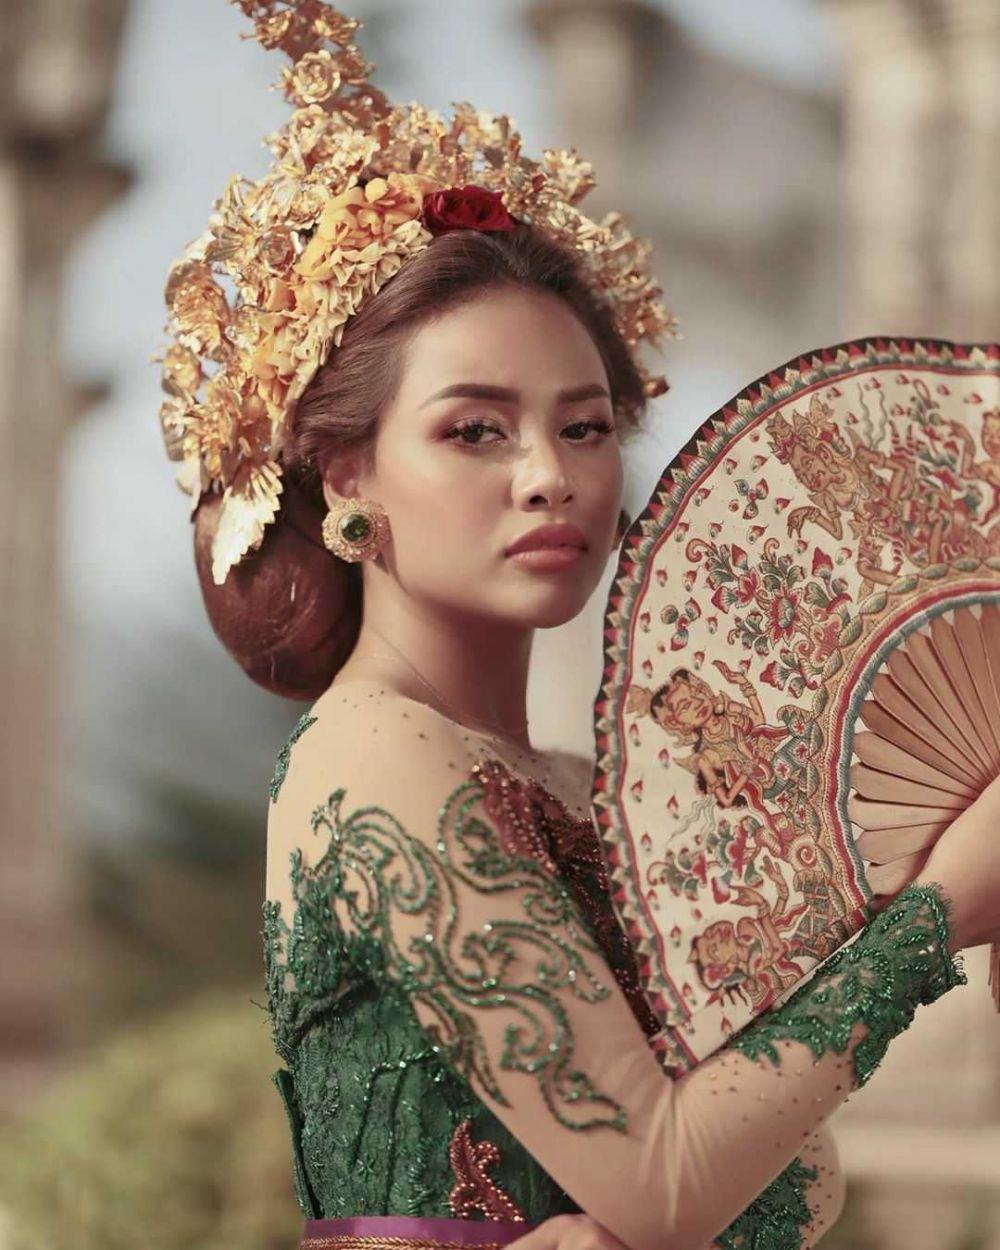 pemotretan seleb dengan busana adat bali © Instagram